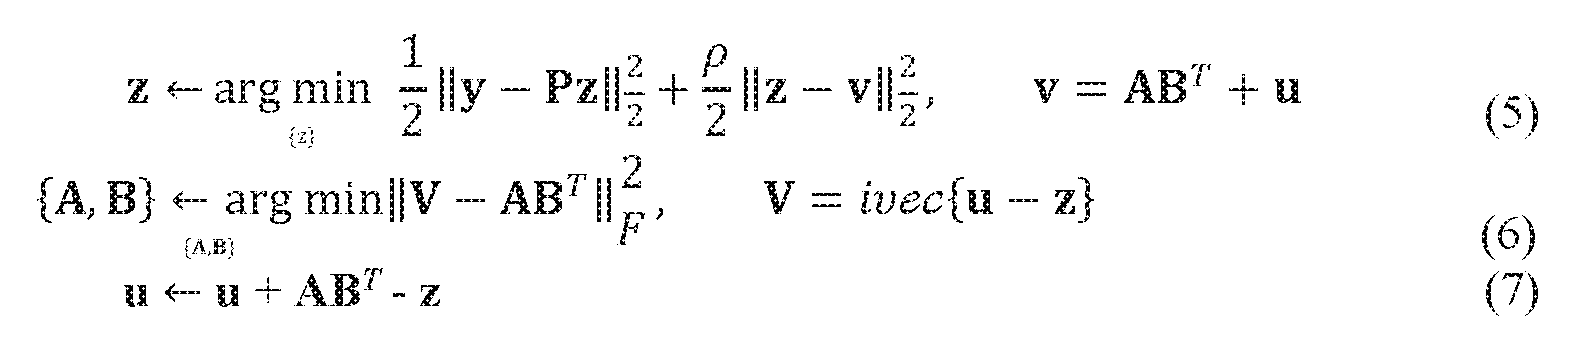 Figure imgf000044_0006